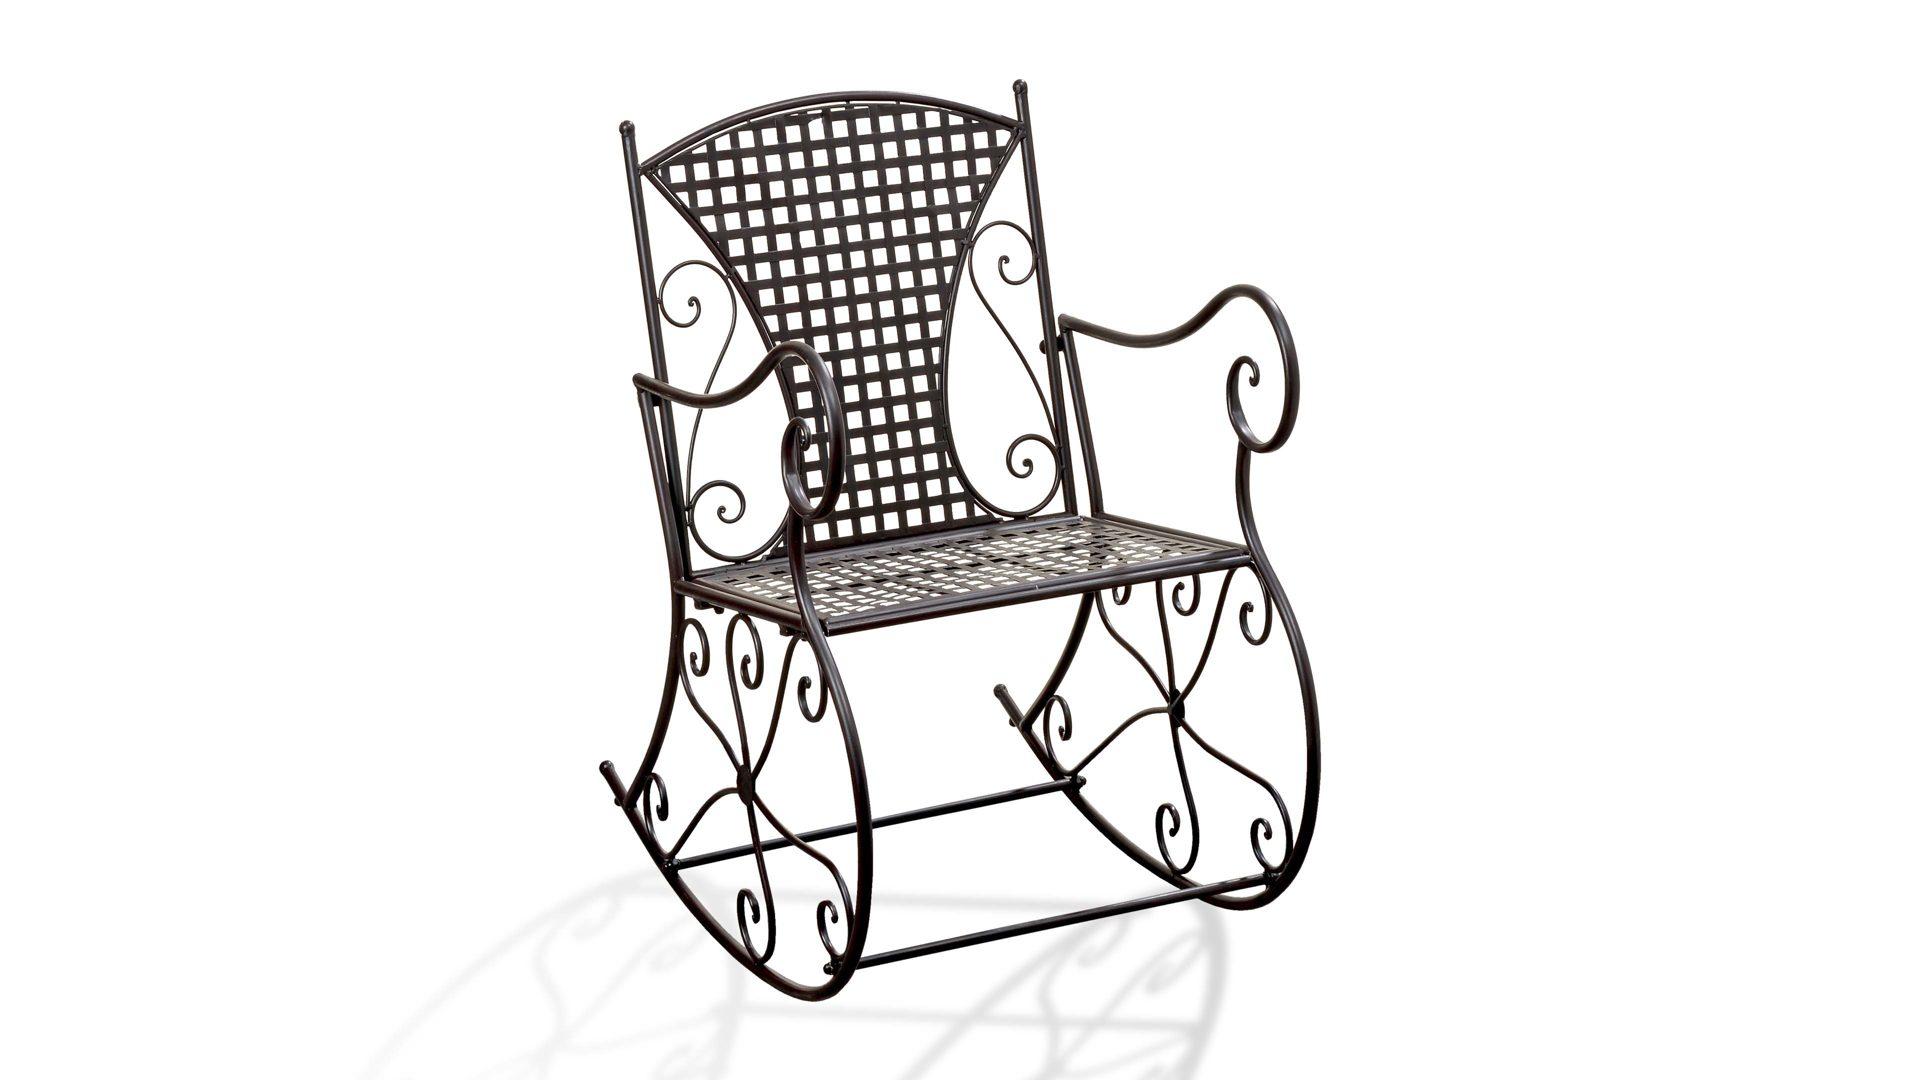 Möbel Bernskötter Mülheim, Möbel A Z, Sessel + Hocker, Schaukelstuhl,  Schaukelstuhl Konya, Als Gartenstuhl Einsetzbar, Antikbraun Lackiertes  Metall